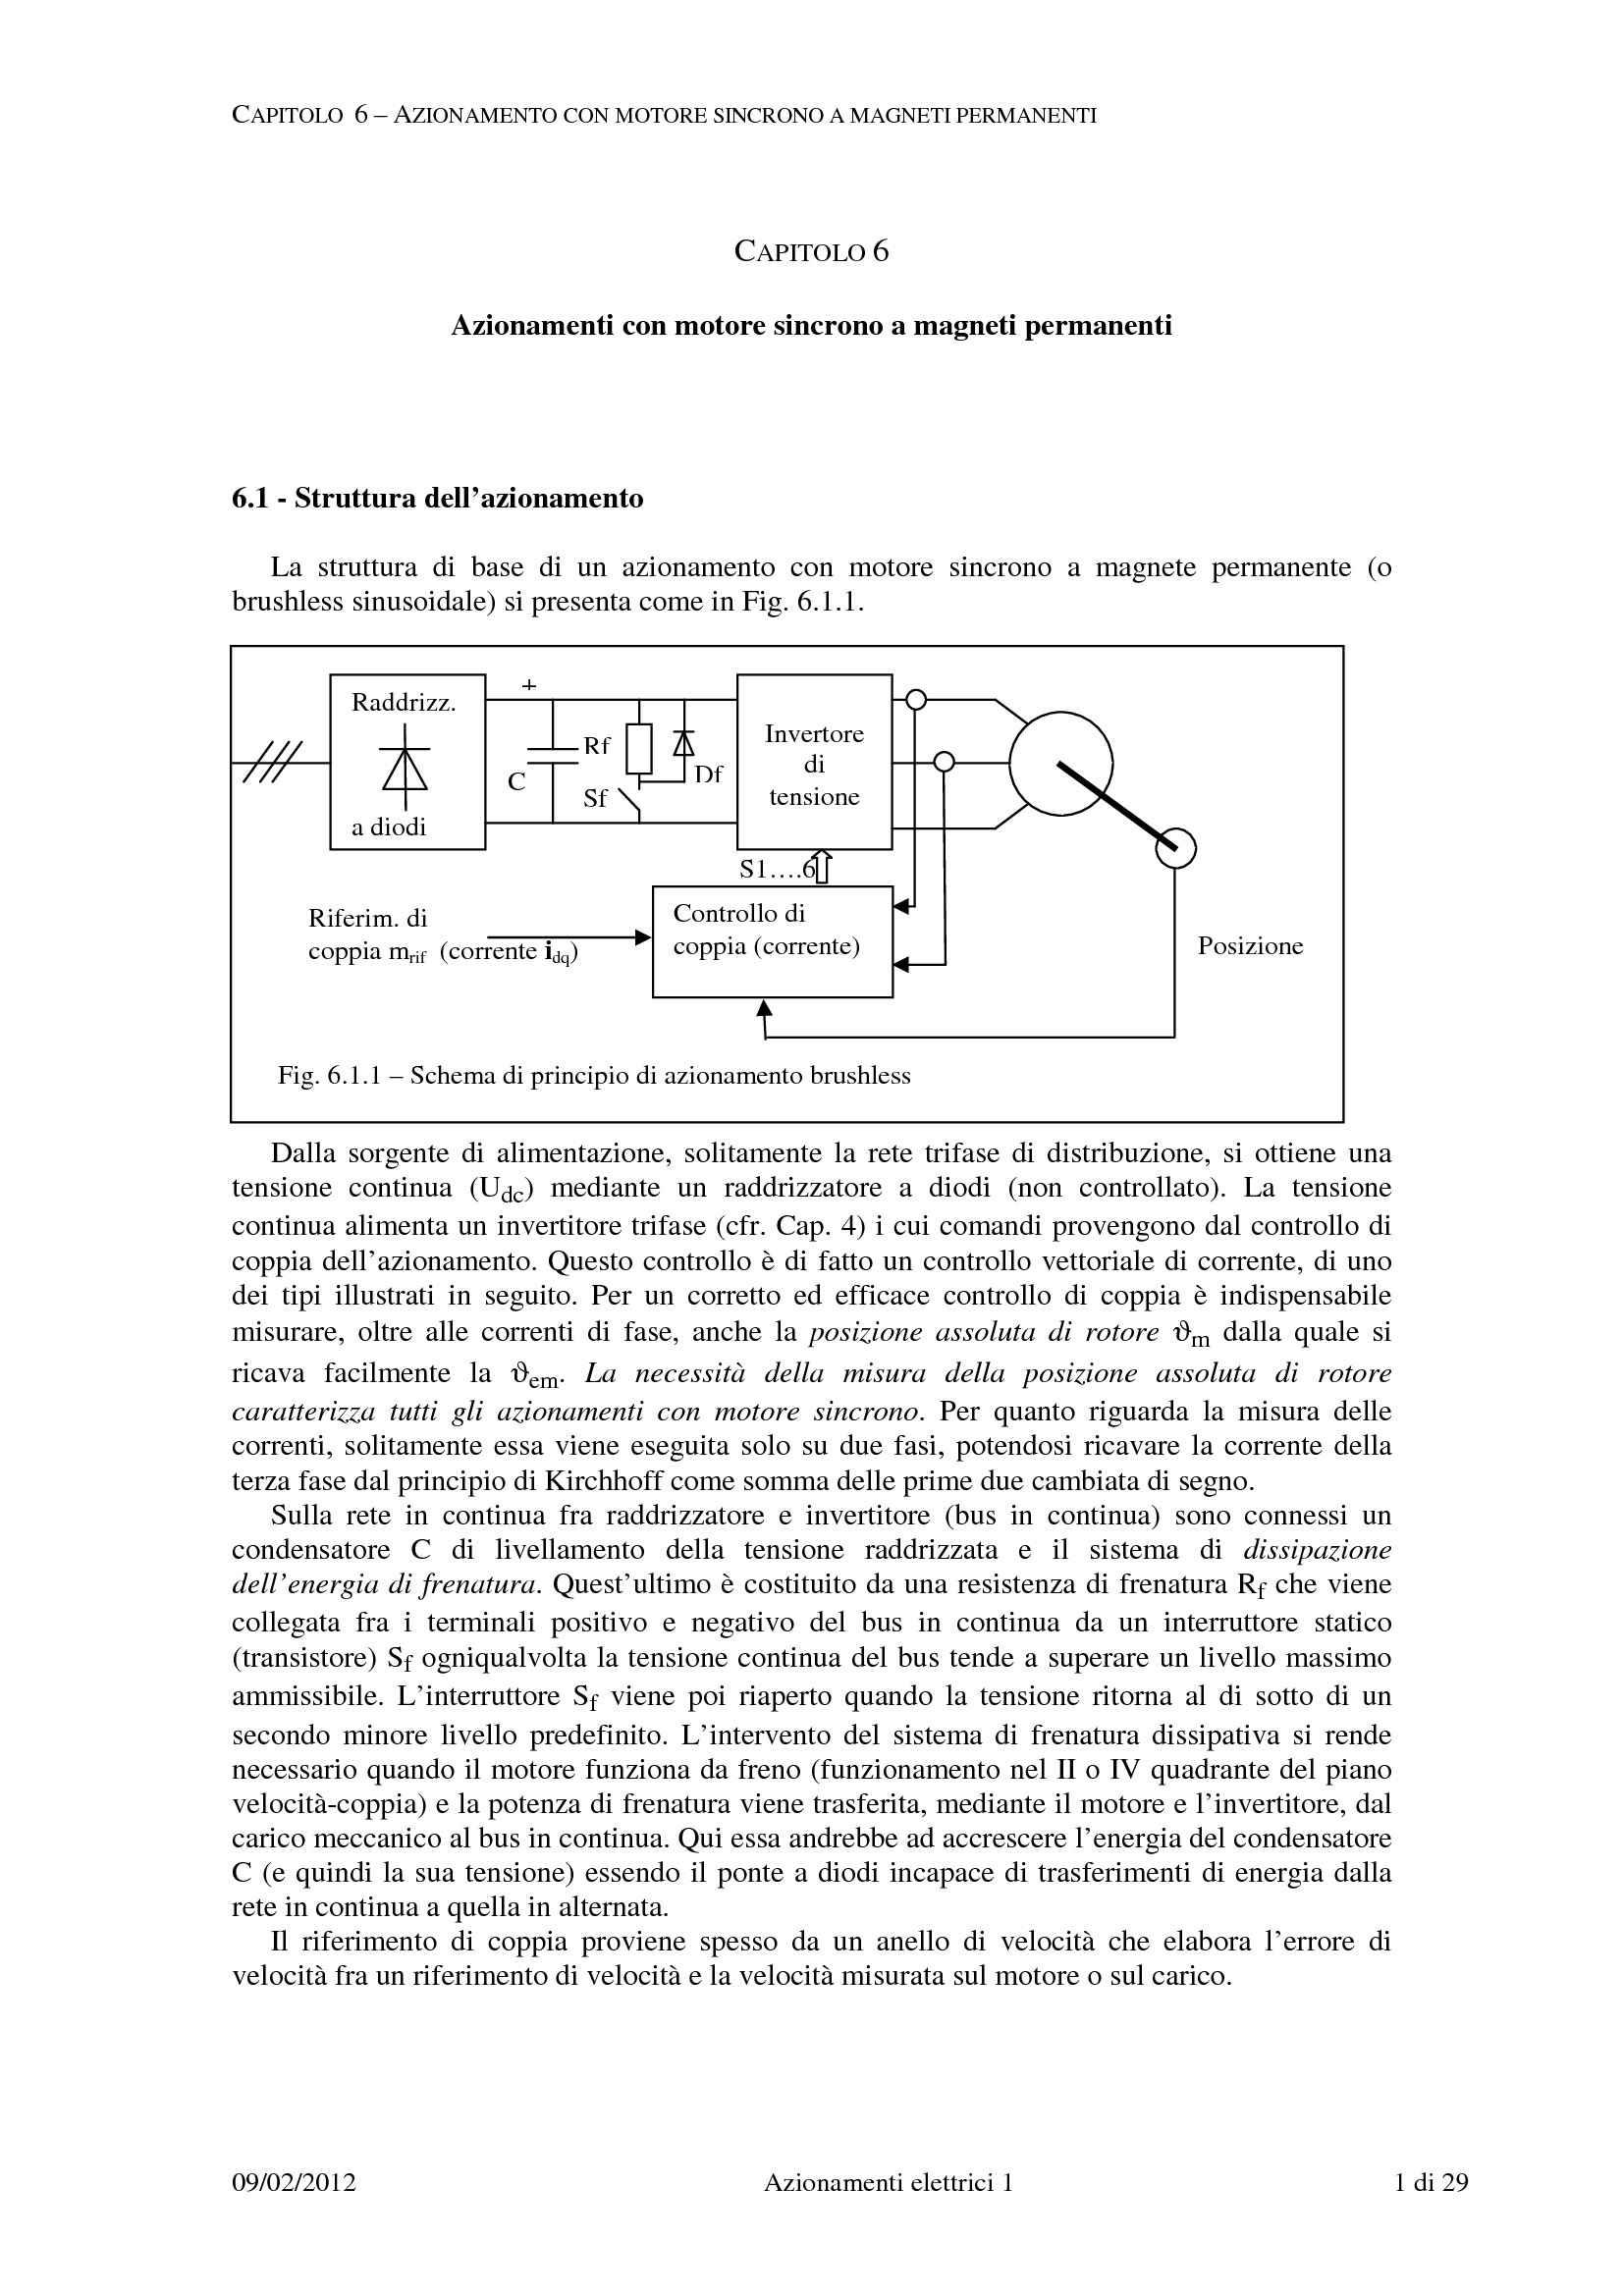 Azionamenti con motore sincrono a magneti permanenti